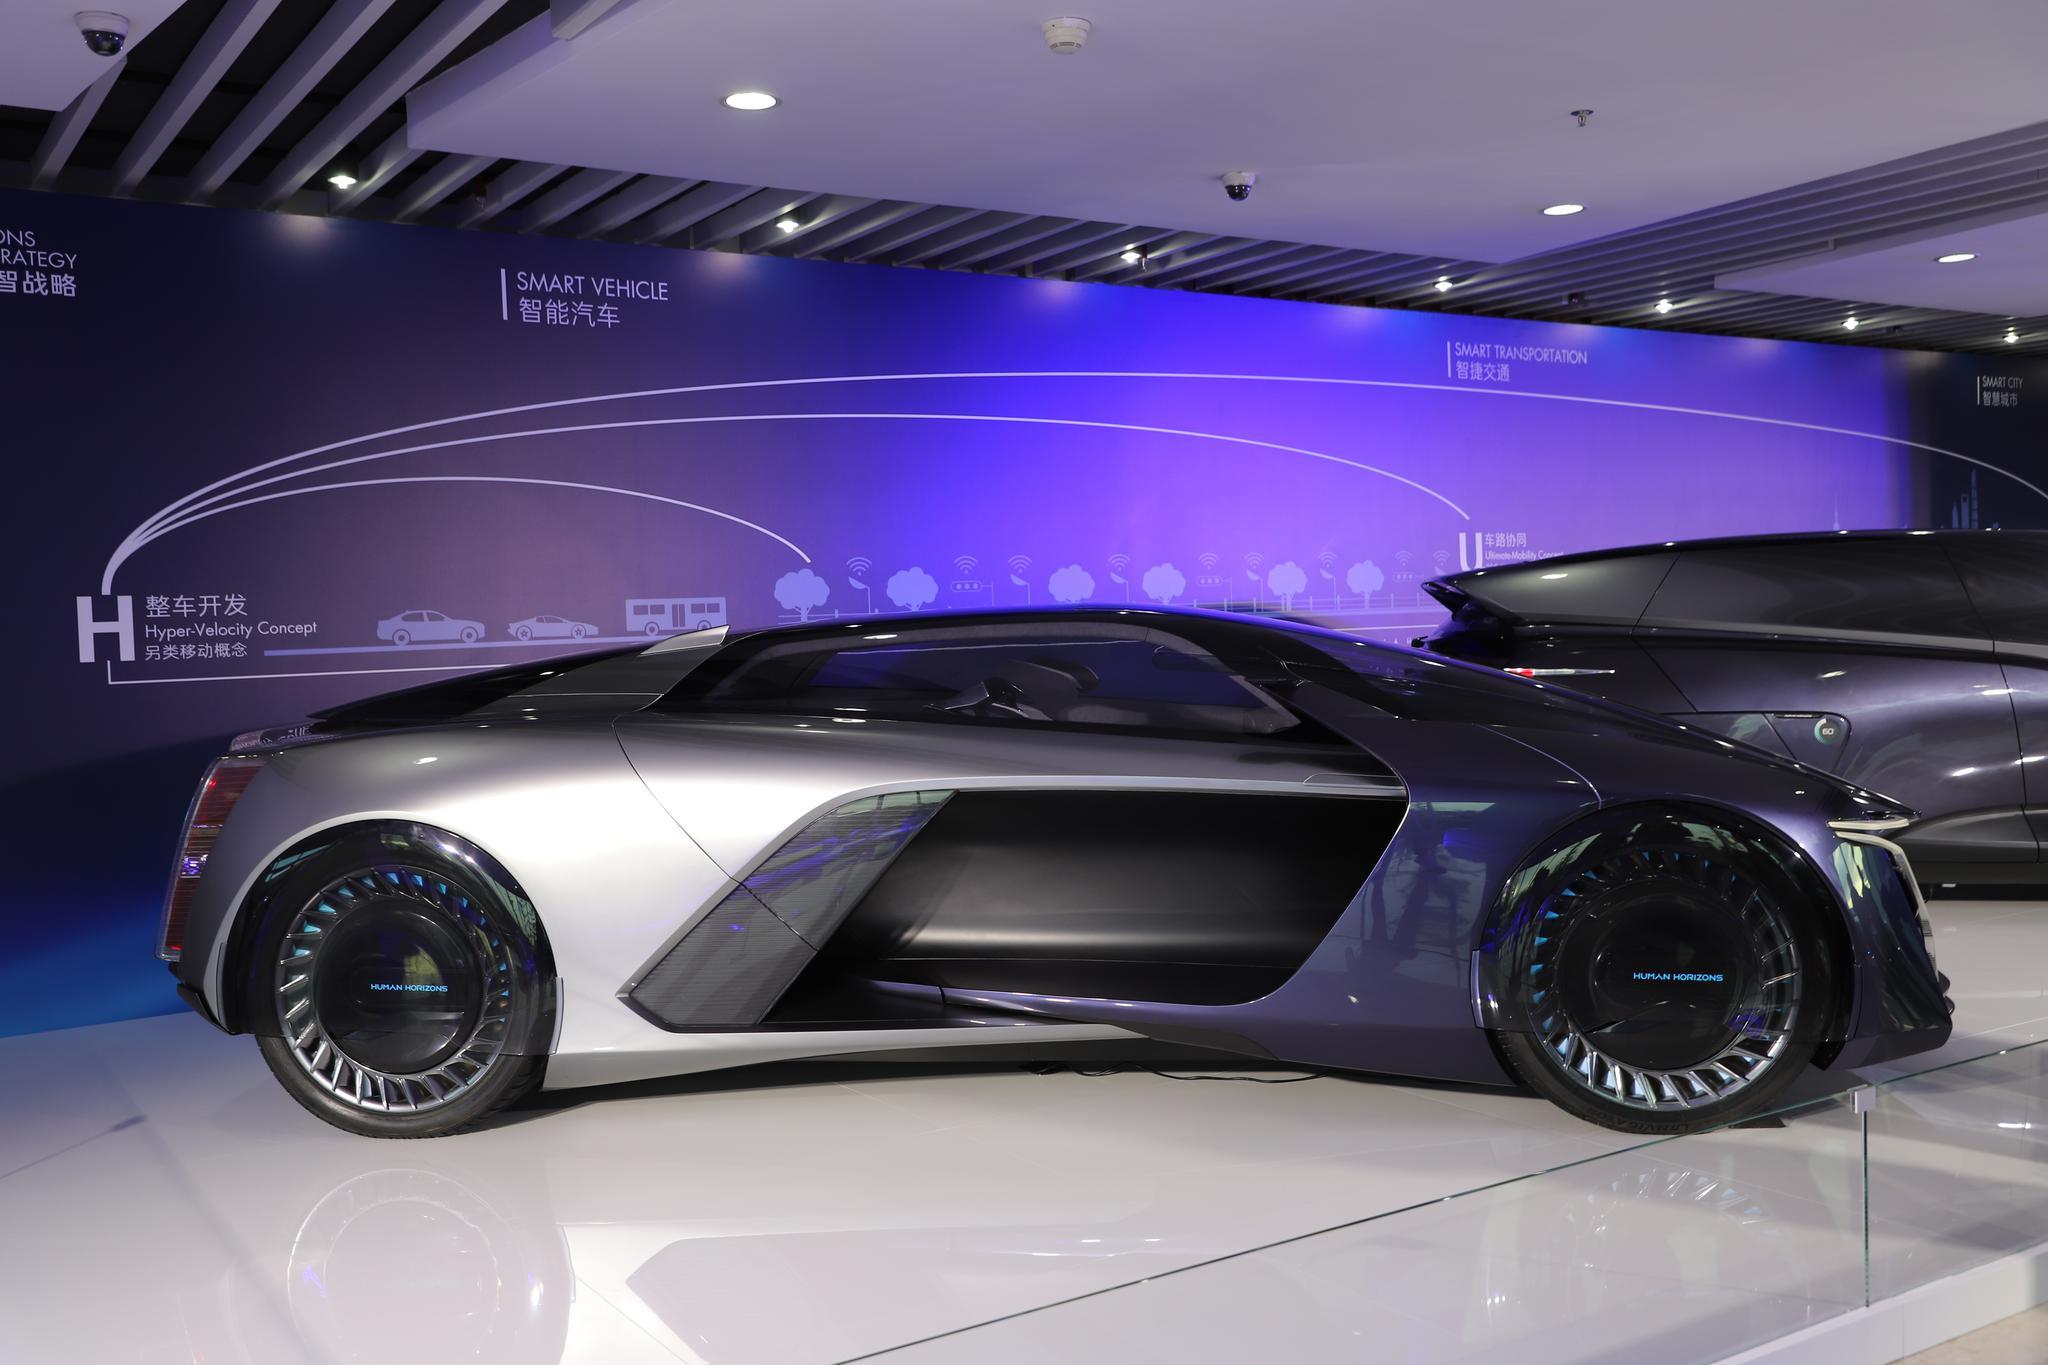 华人运通概念车 Concept H